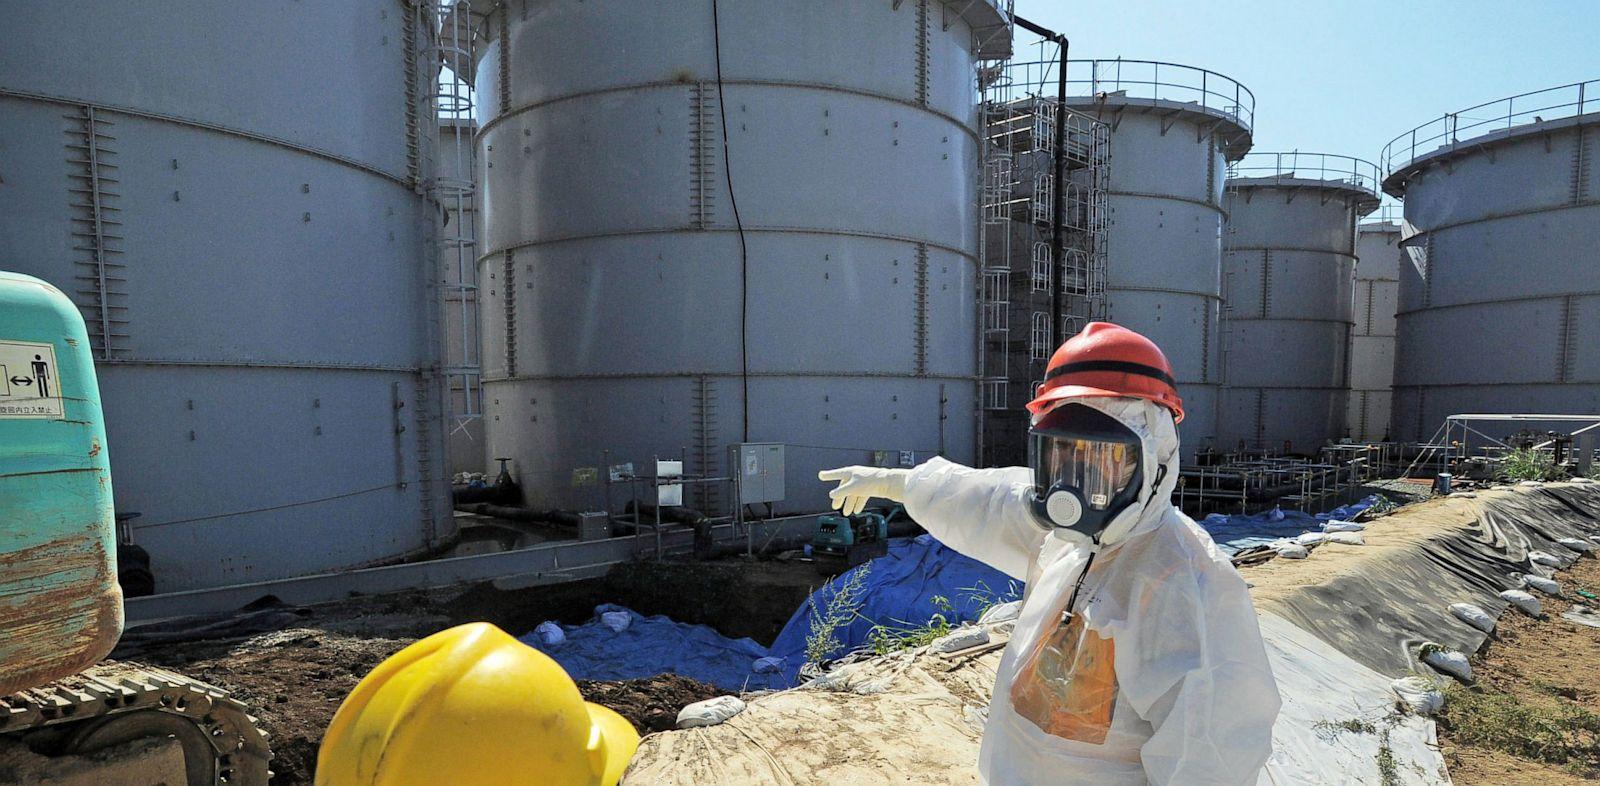 PHOTO: storage tanks at the Fukushima Dai-ichi nuclear plant